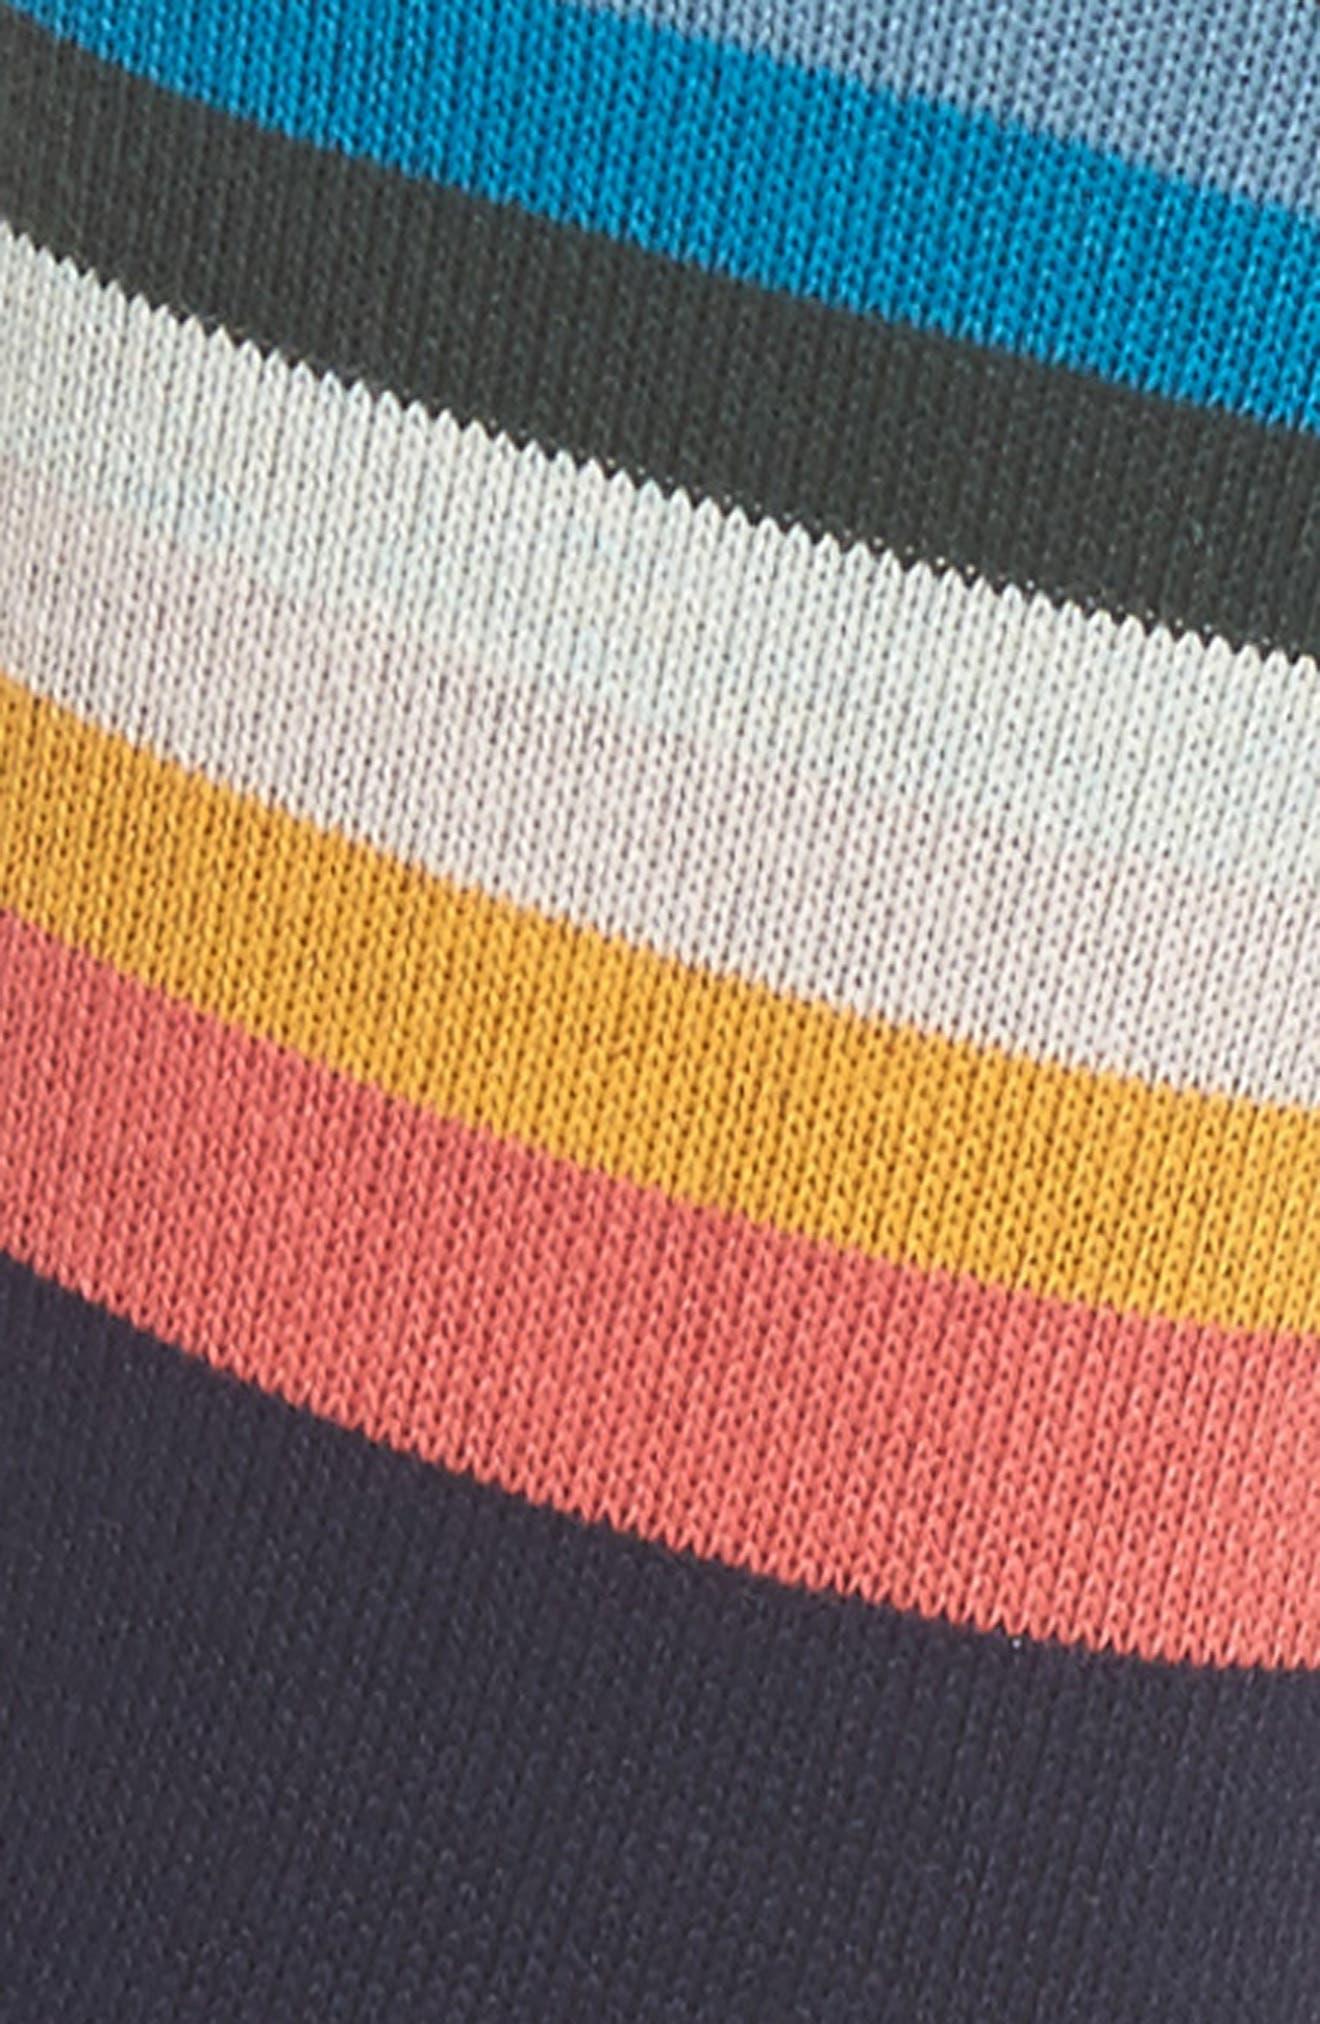 Cindy Artist Stripe Ankle Socks,                             Alternate thumbnail 2, color,                             415